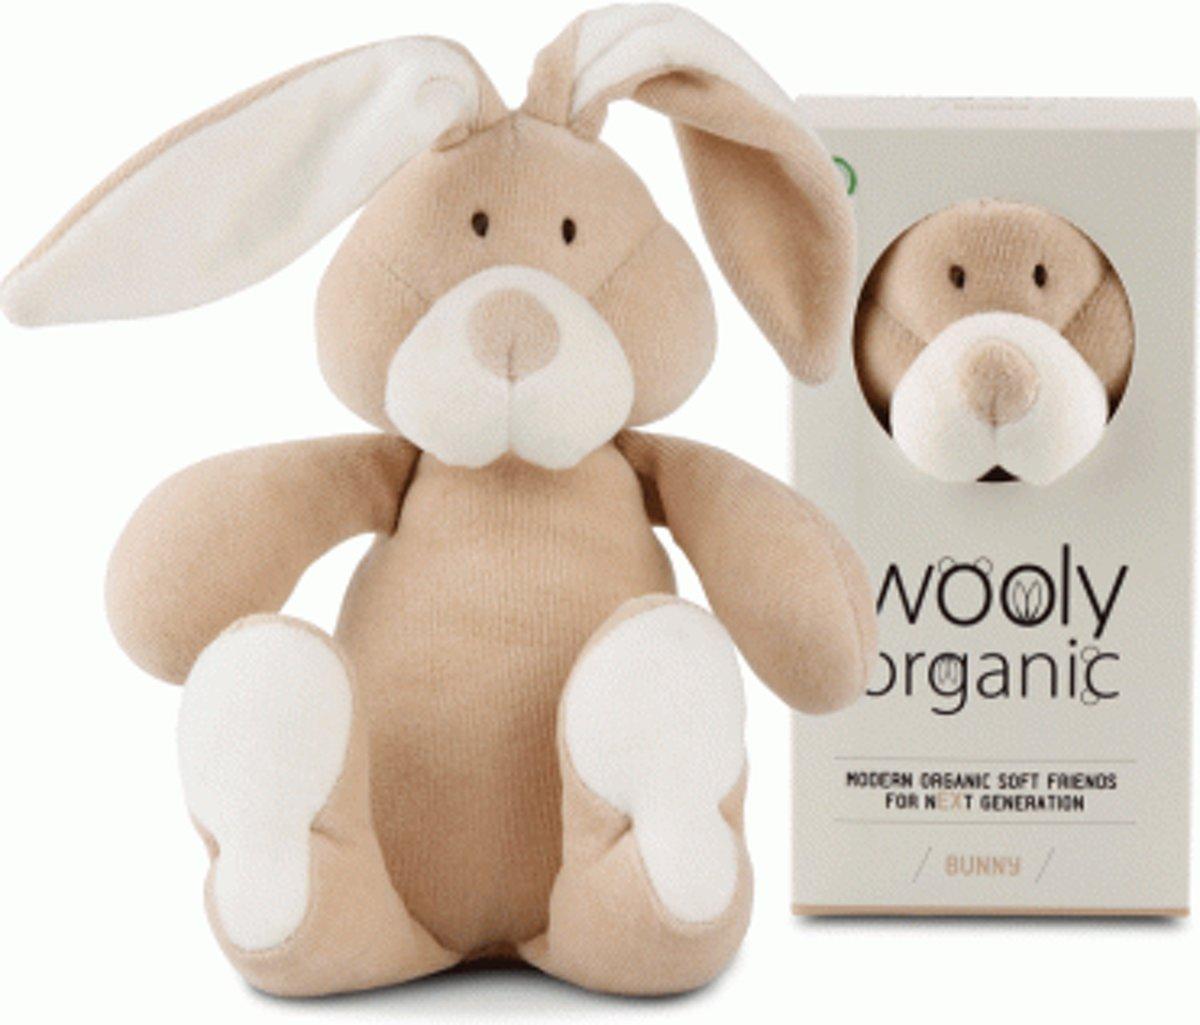 Wooly Organic katoenen knuffelkonijn